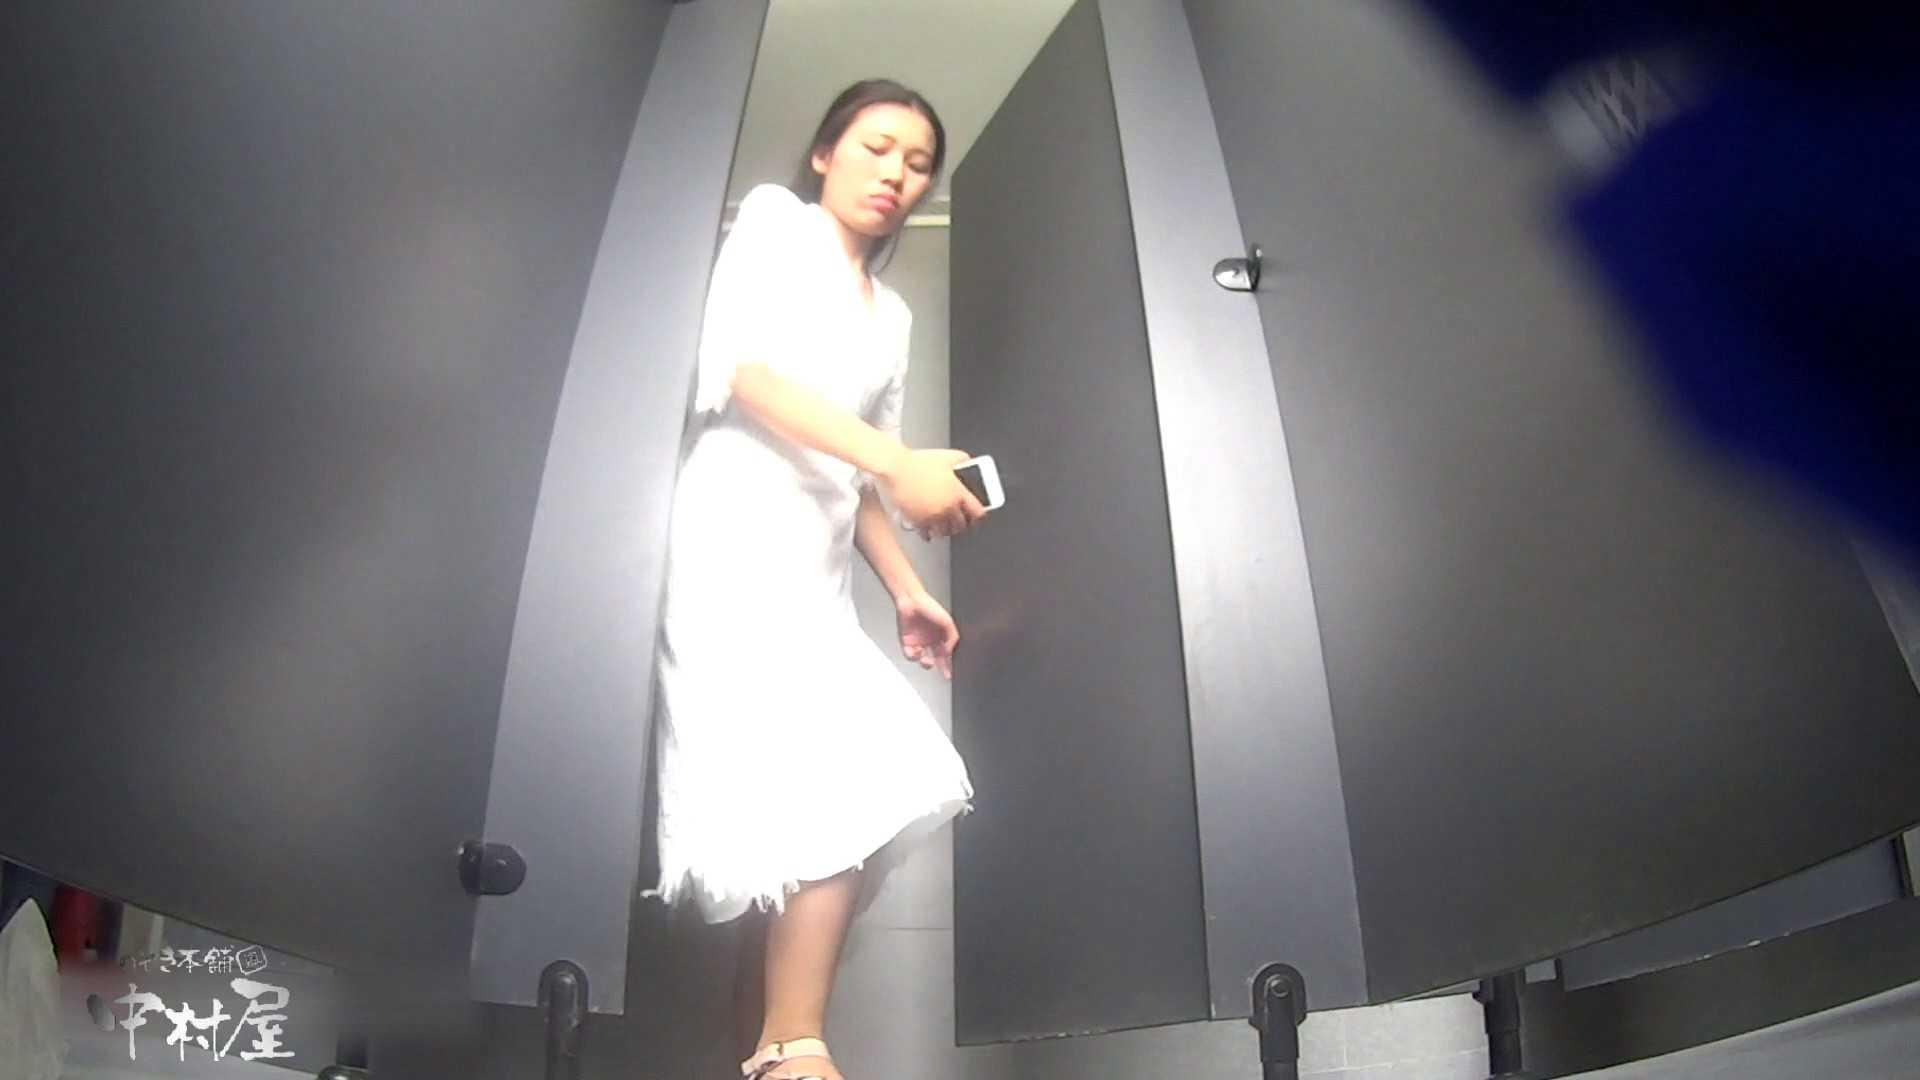 ツンデレお女市さんのトイレ事情 大学休憩時間の洗面所事情32 0  44連発 26